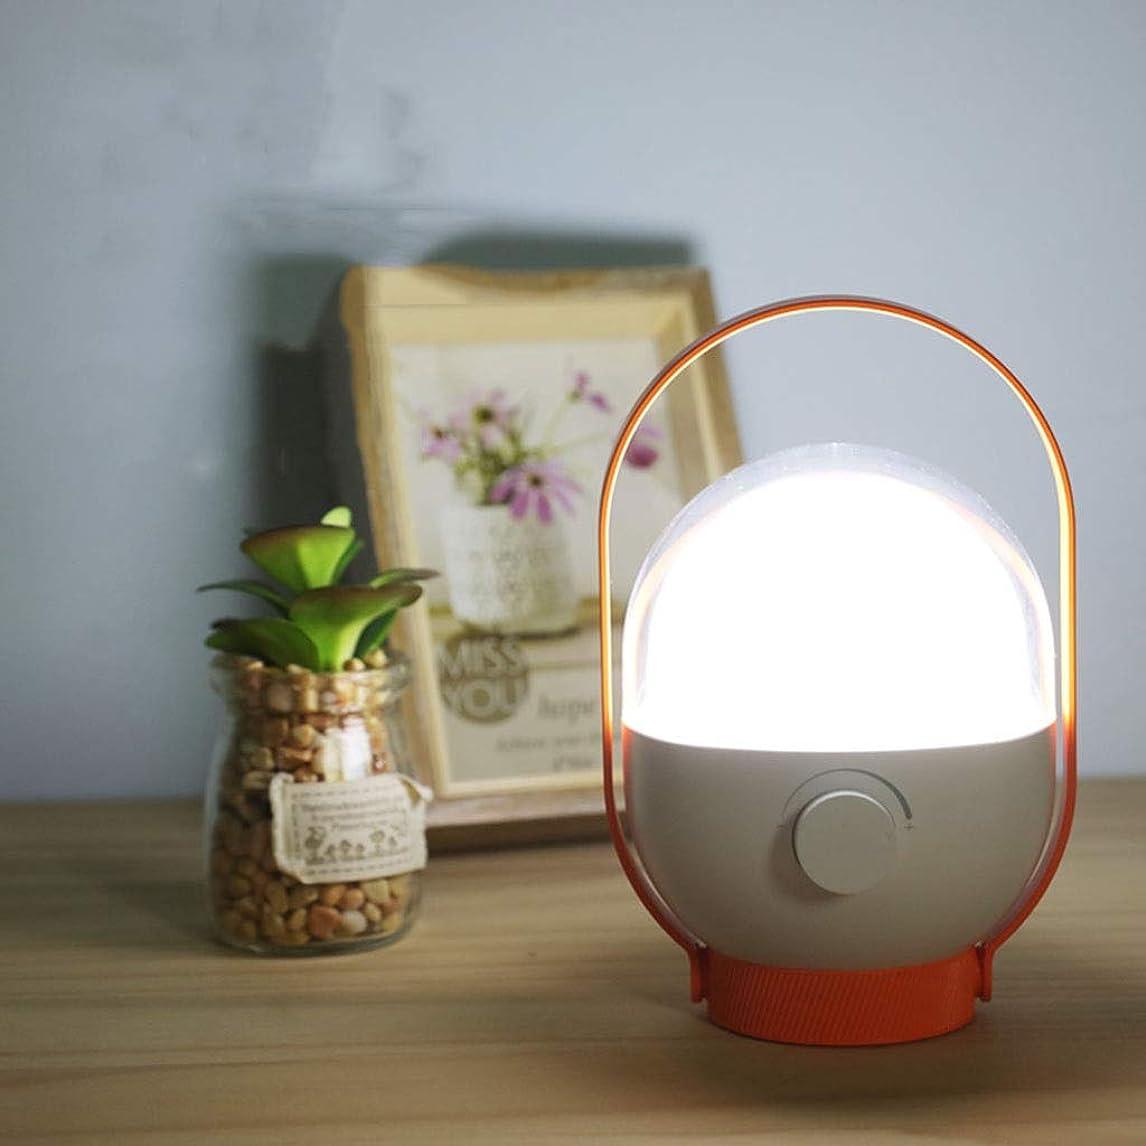 銀誘う眼LEDナイトライト LEDナイトライト充電式ぶら下げポータブルホームベッドルームベッドサイドアイテーブルランプ LEDナイトライト (Color : Orange)